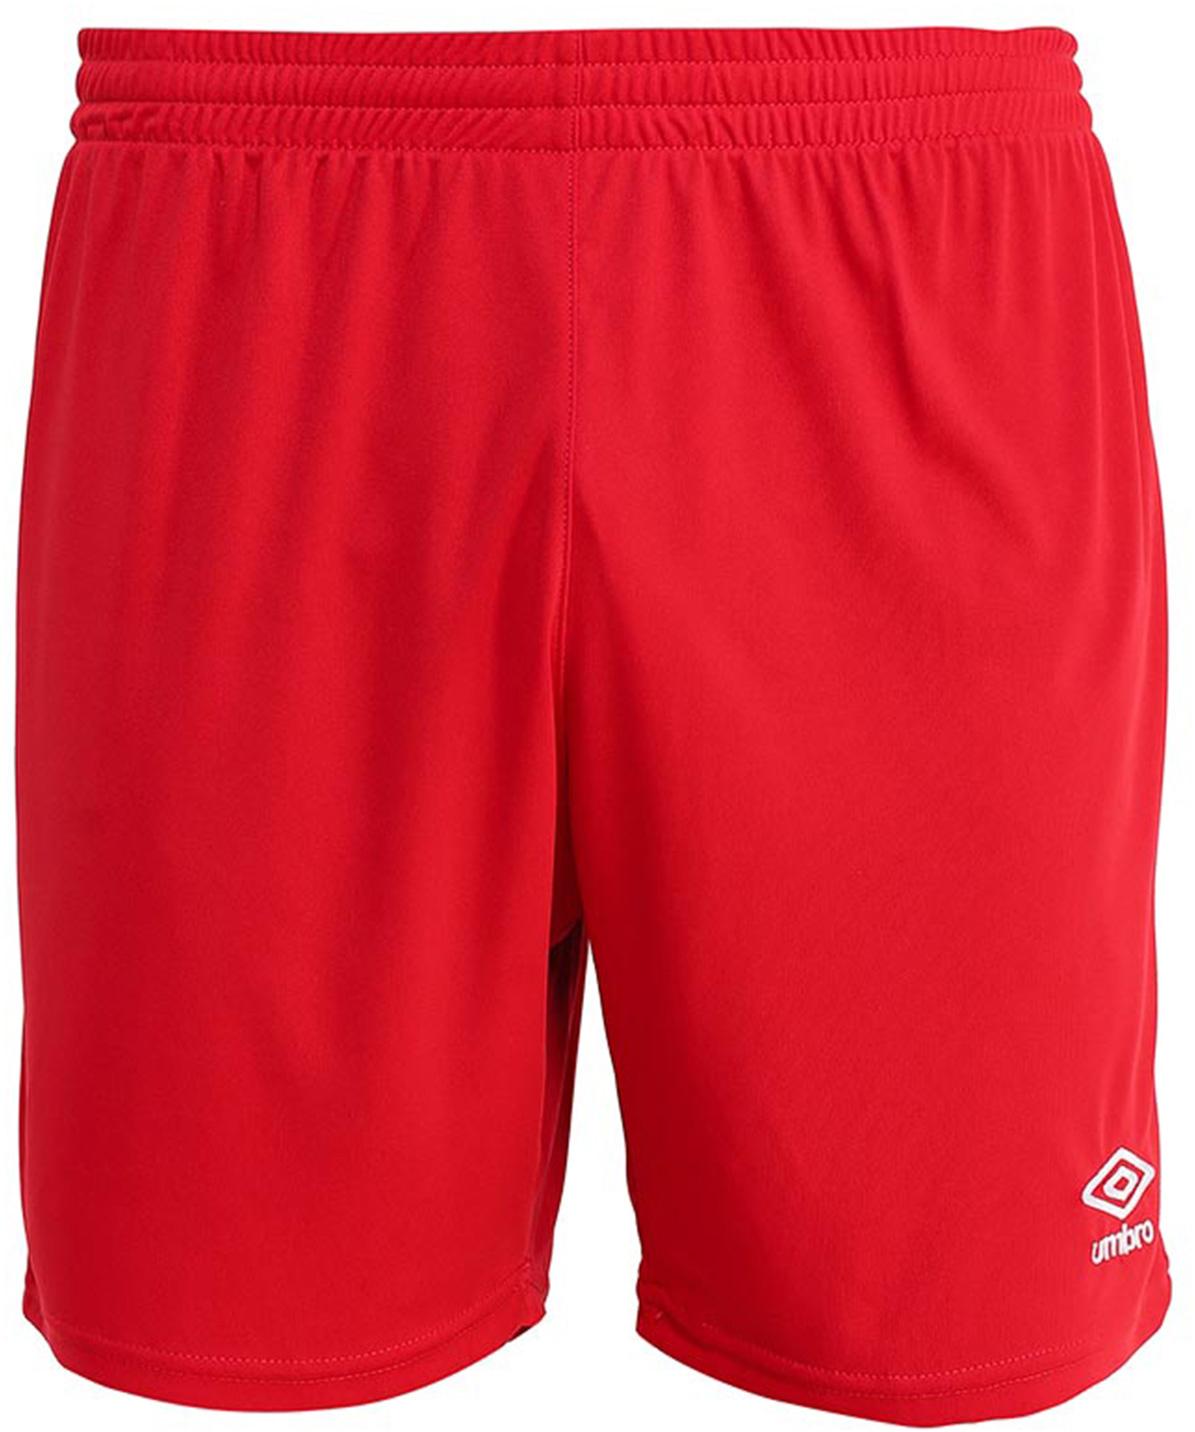 Шорты спортивные для мальчика Umbro Field Short, цвет:  красный, белый.  133015.  Размер YL (152) UMBRO